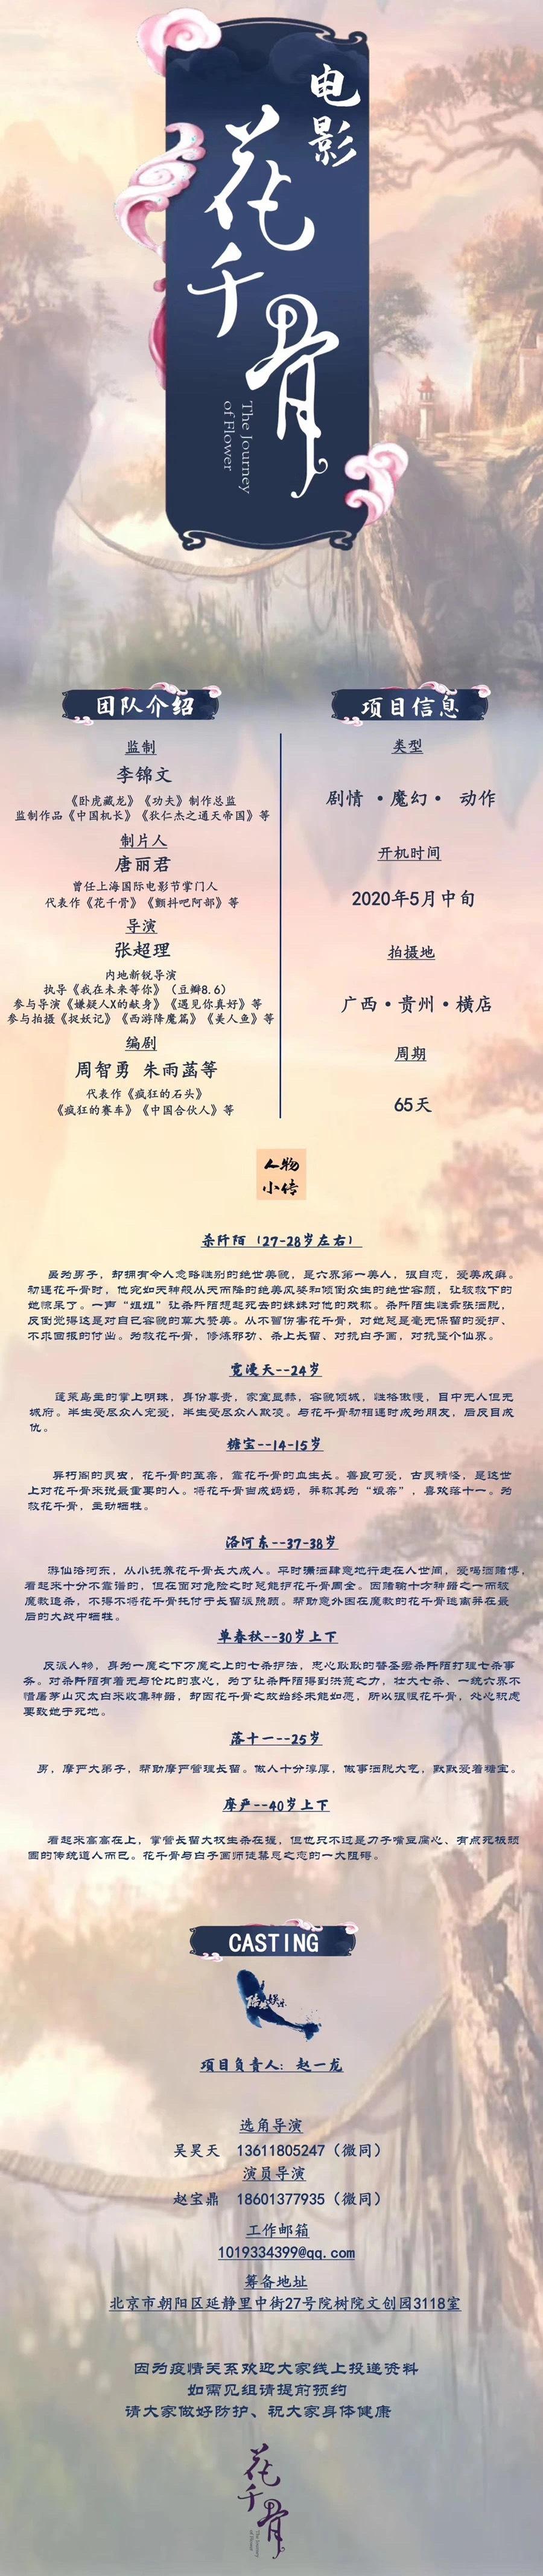 电影版《花千骨》主演名单陈都灵、赖美云、张紫宁、李程彬